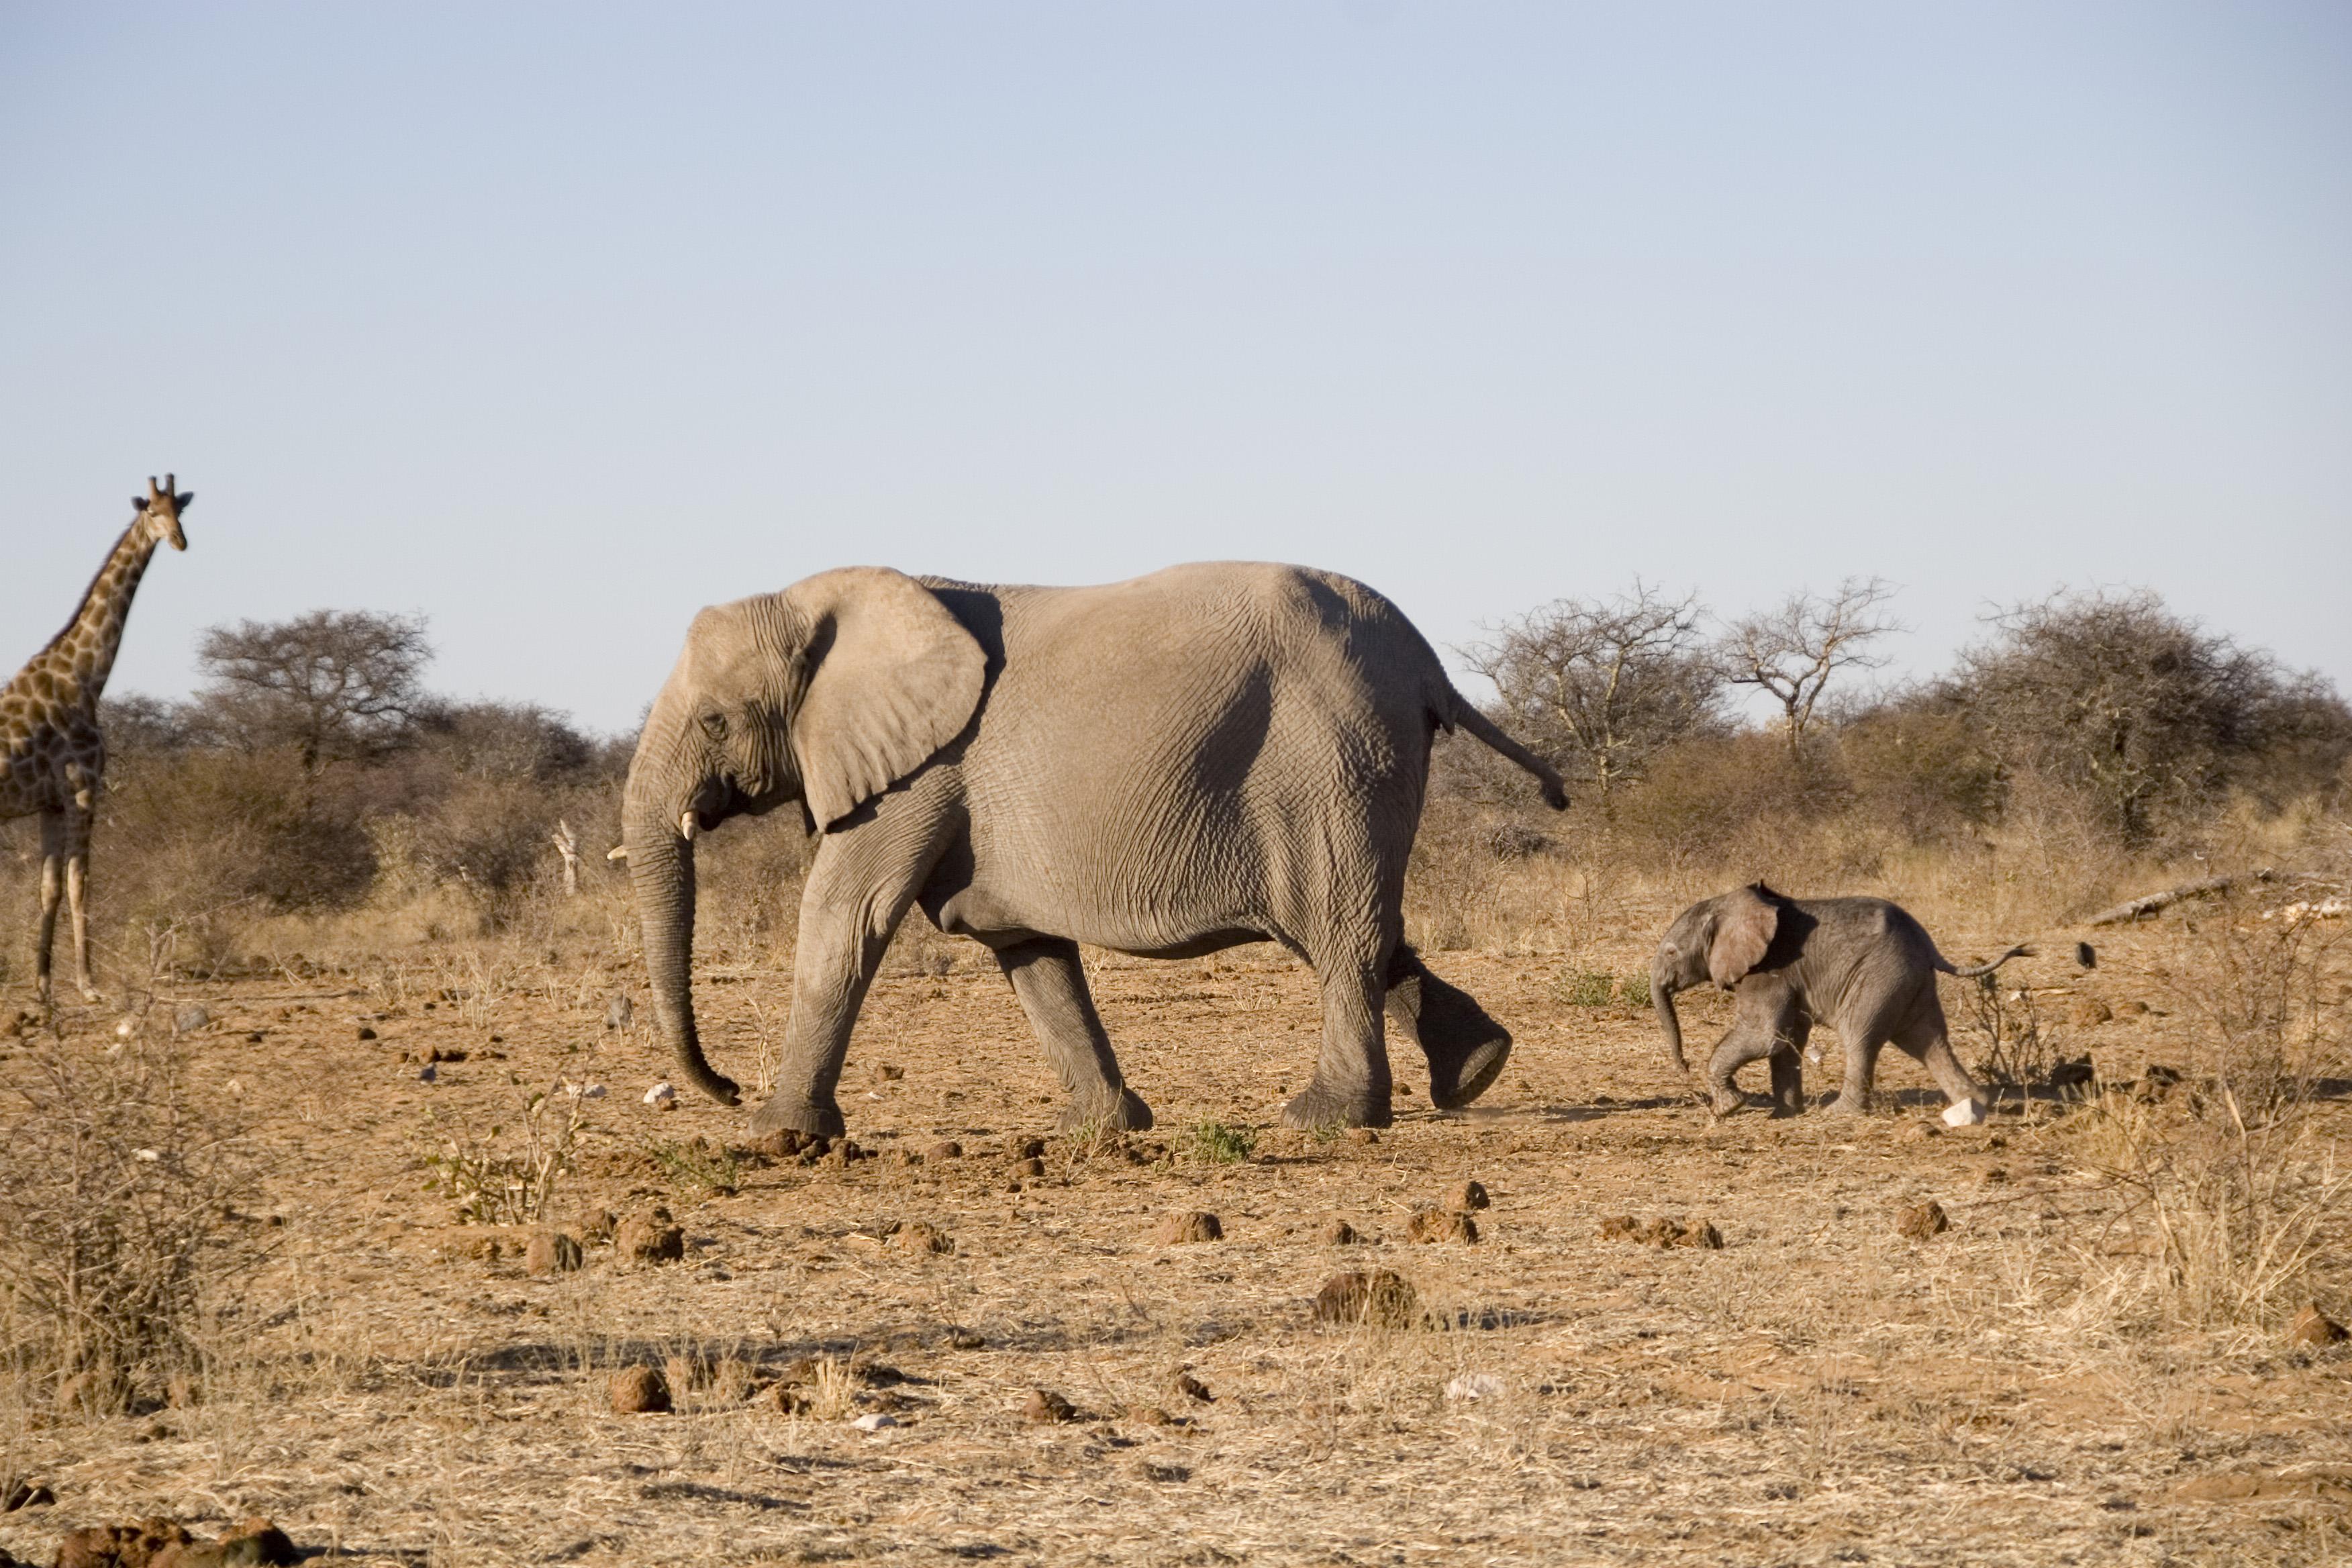 Elephants Safari parc Etosha Namibie